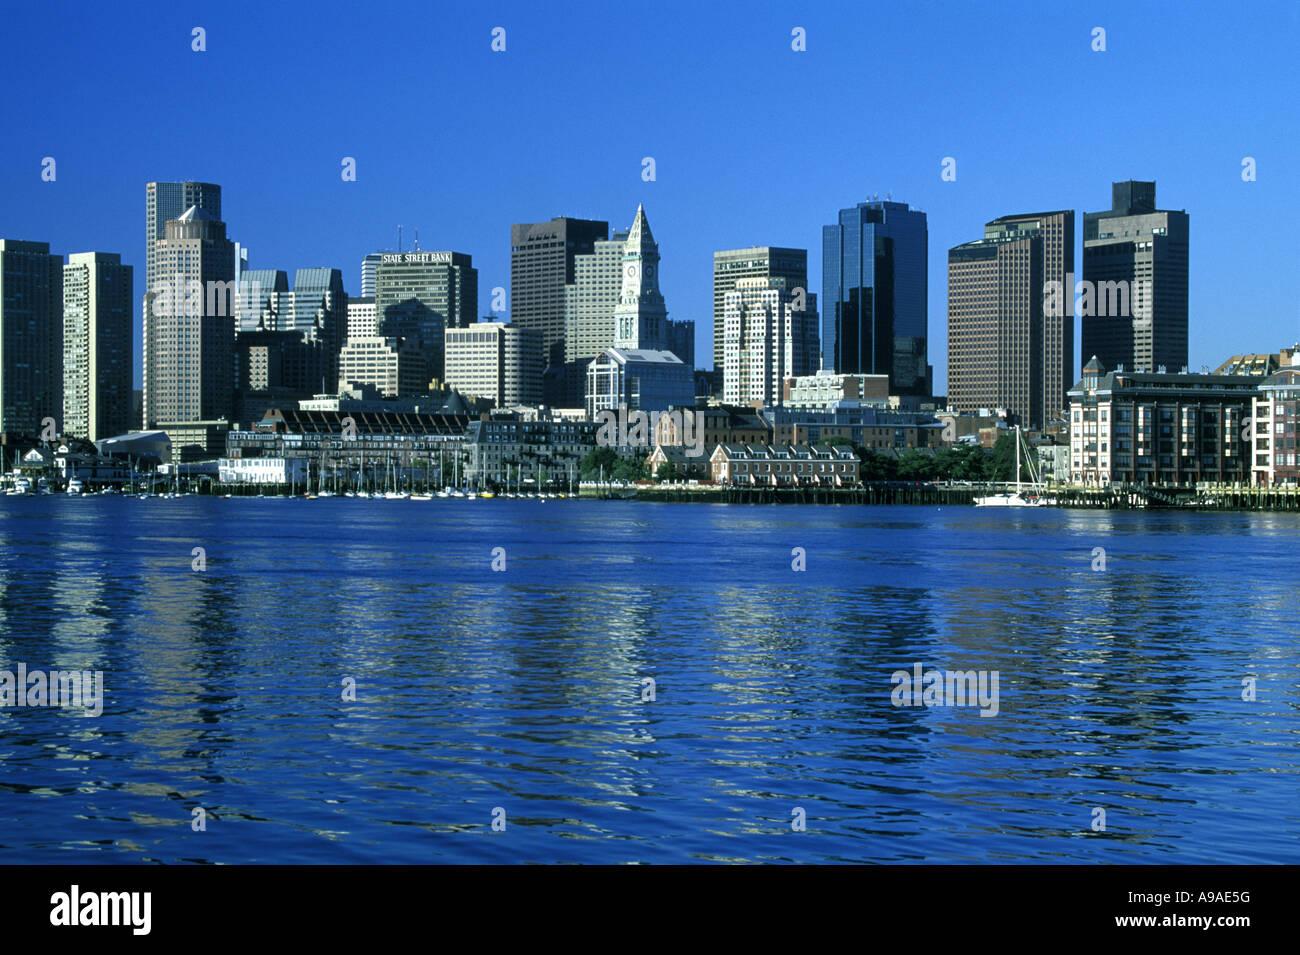 DOWNTOWN SKYLINE BOSTON  MASSACHUSSETTS USA - Stock Image